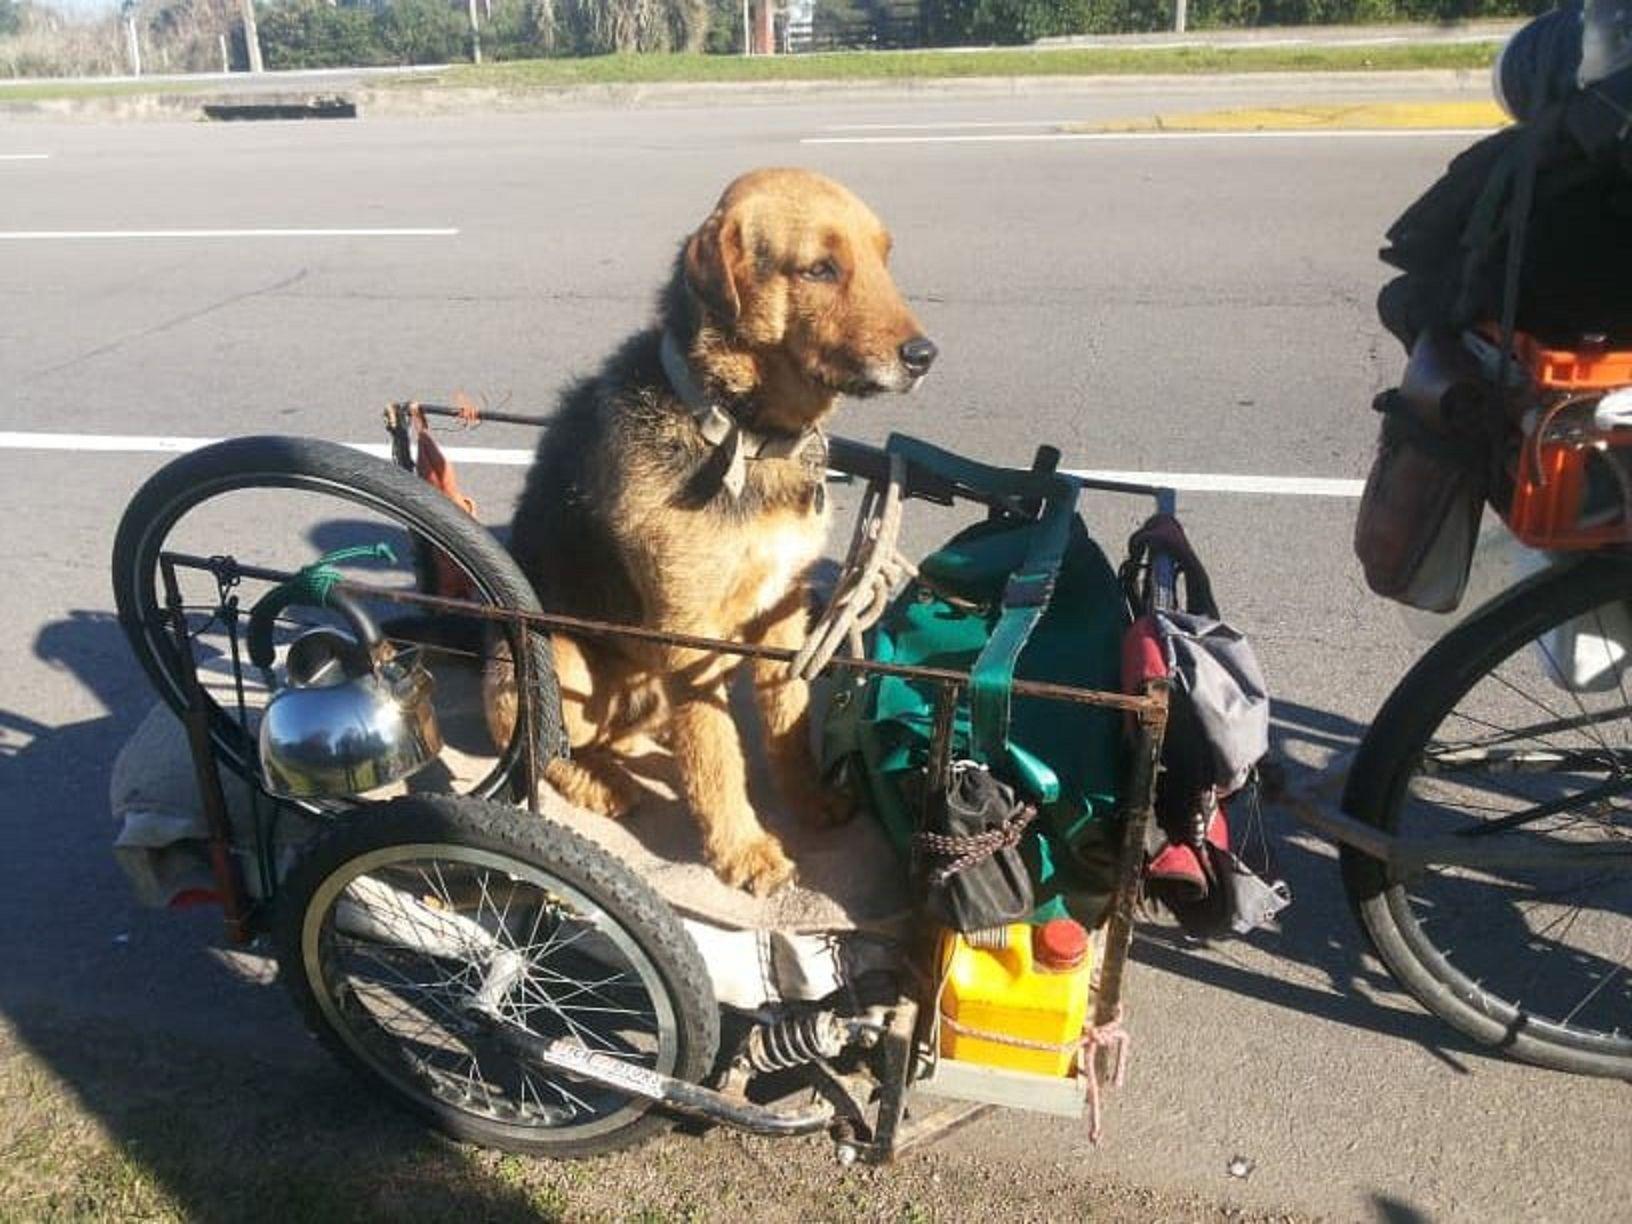 Se llevó a su perro a recorrer el país, pero se le perdió a mitad de camino